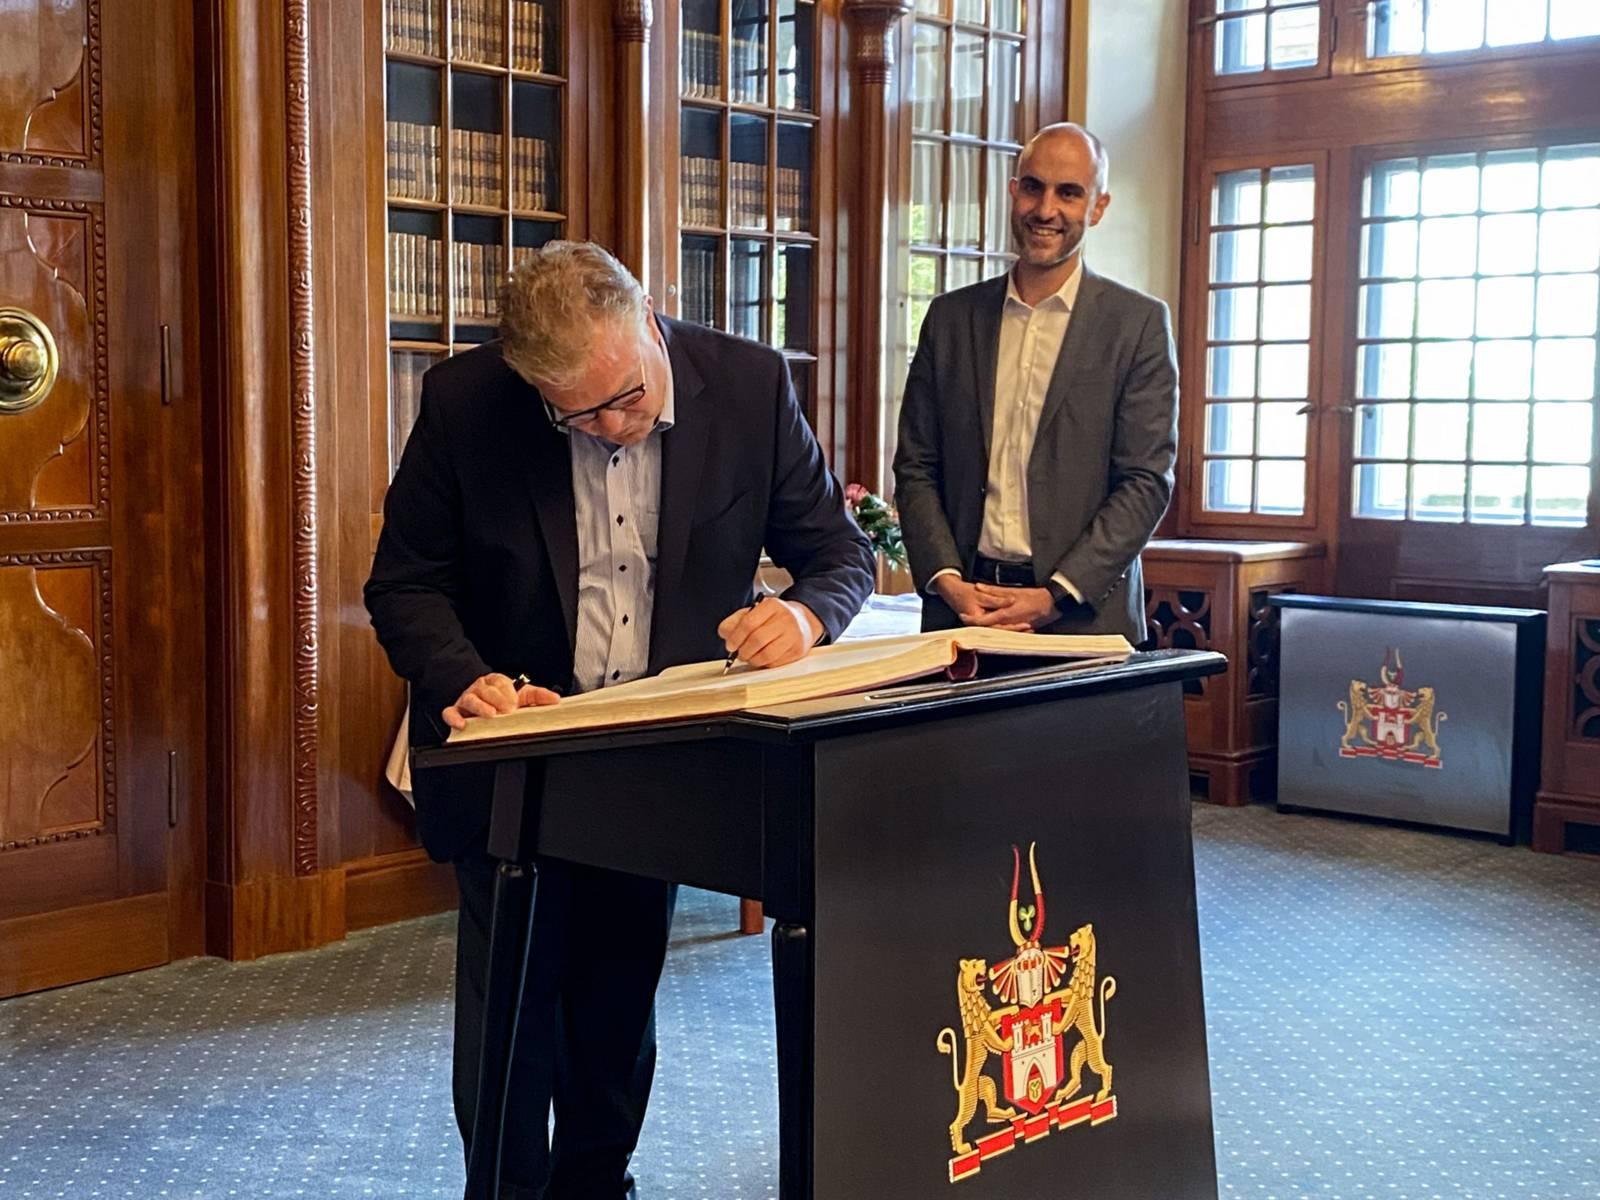 Zwei Männer stehen in einen Büro und einer trägt sich in das goldene Buch der Stadt ein.